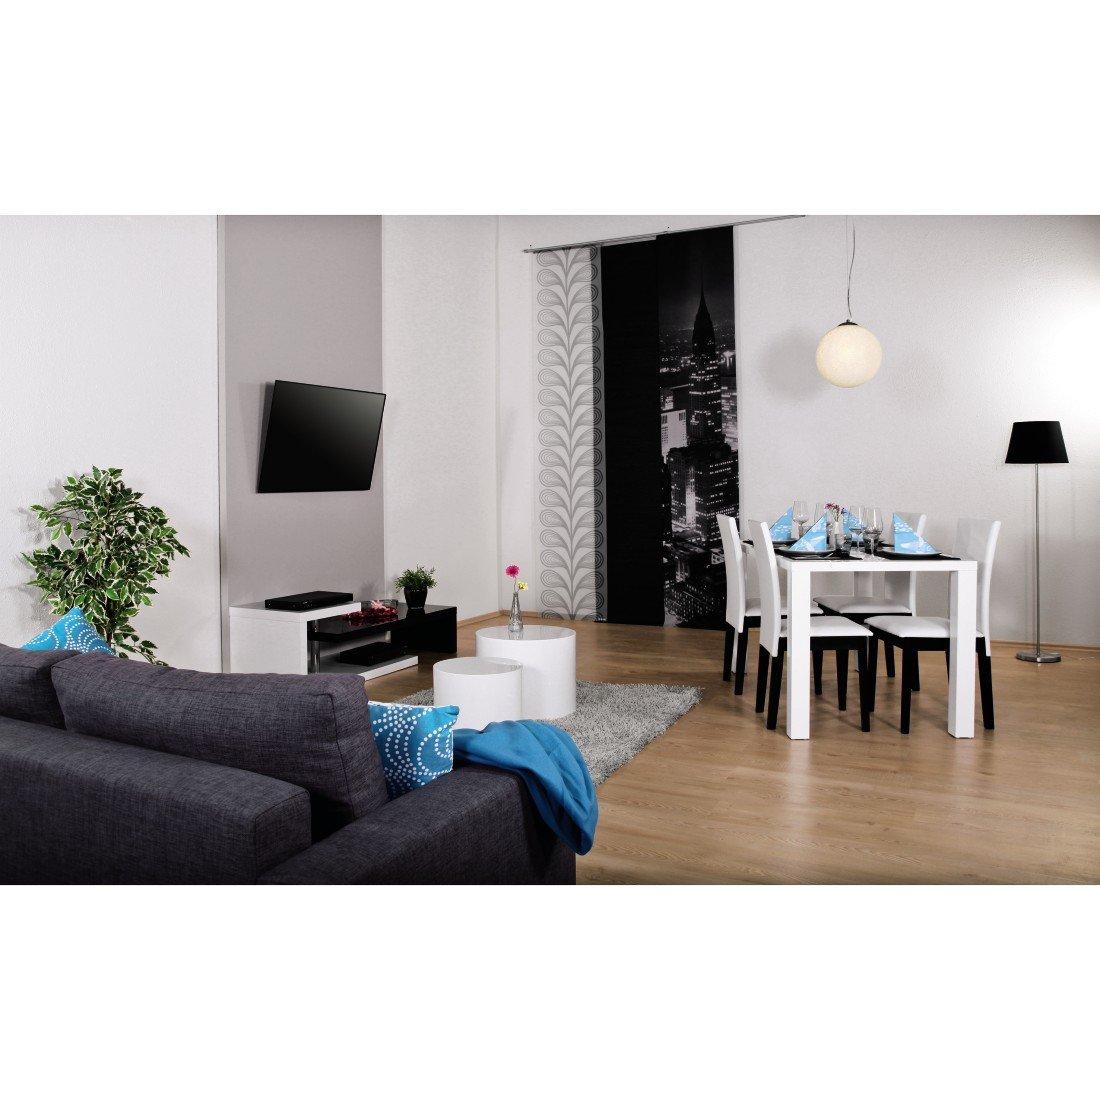 Hama 84425 - Soporte de pared para TV (girable e inclinable, M), negro: Amazon.es: Electrónica